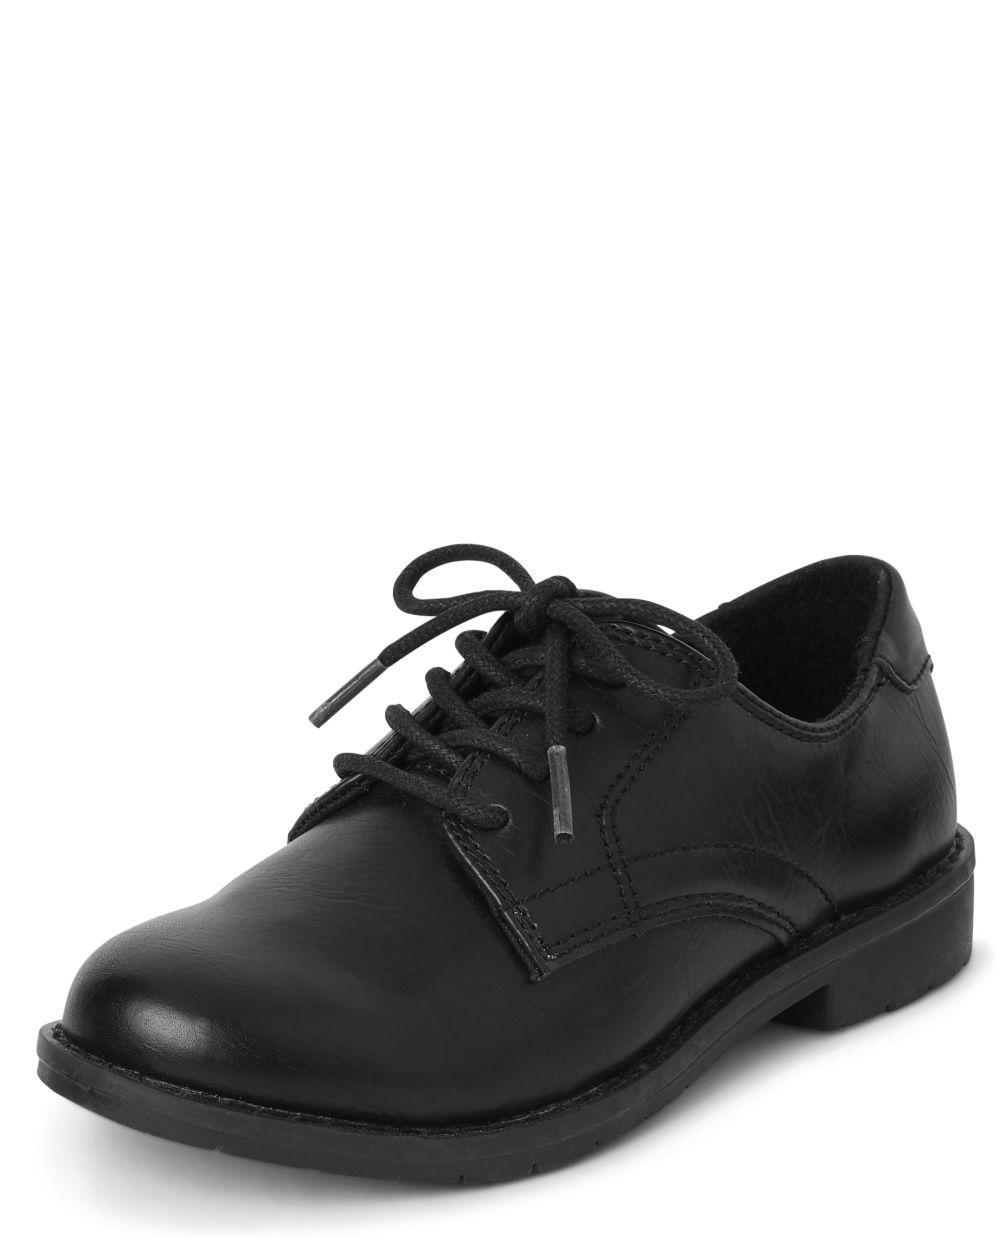 Boys Uniform Lace Up Dress Shoes